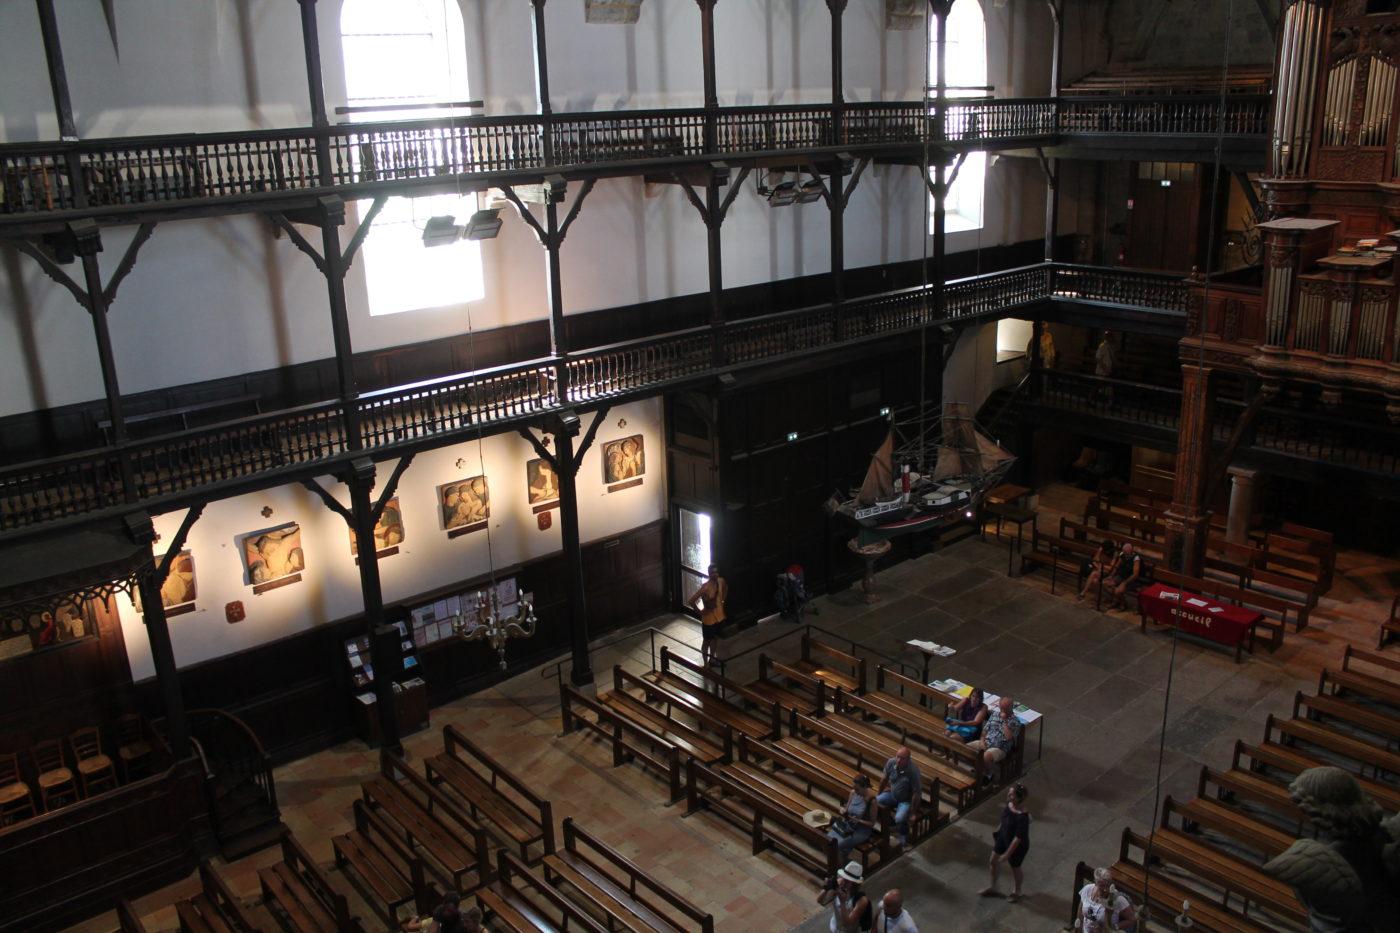 Visite Eglise Saint Jean Baptiste Pah Juillet 2019 (71)